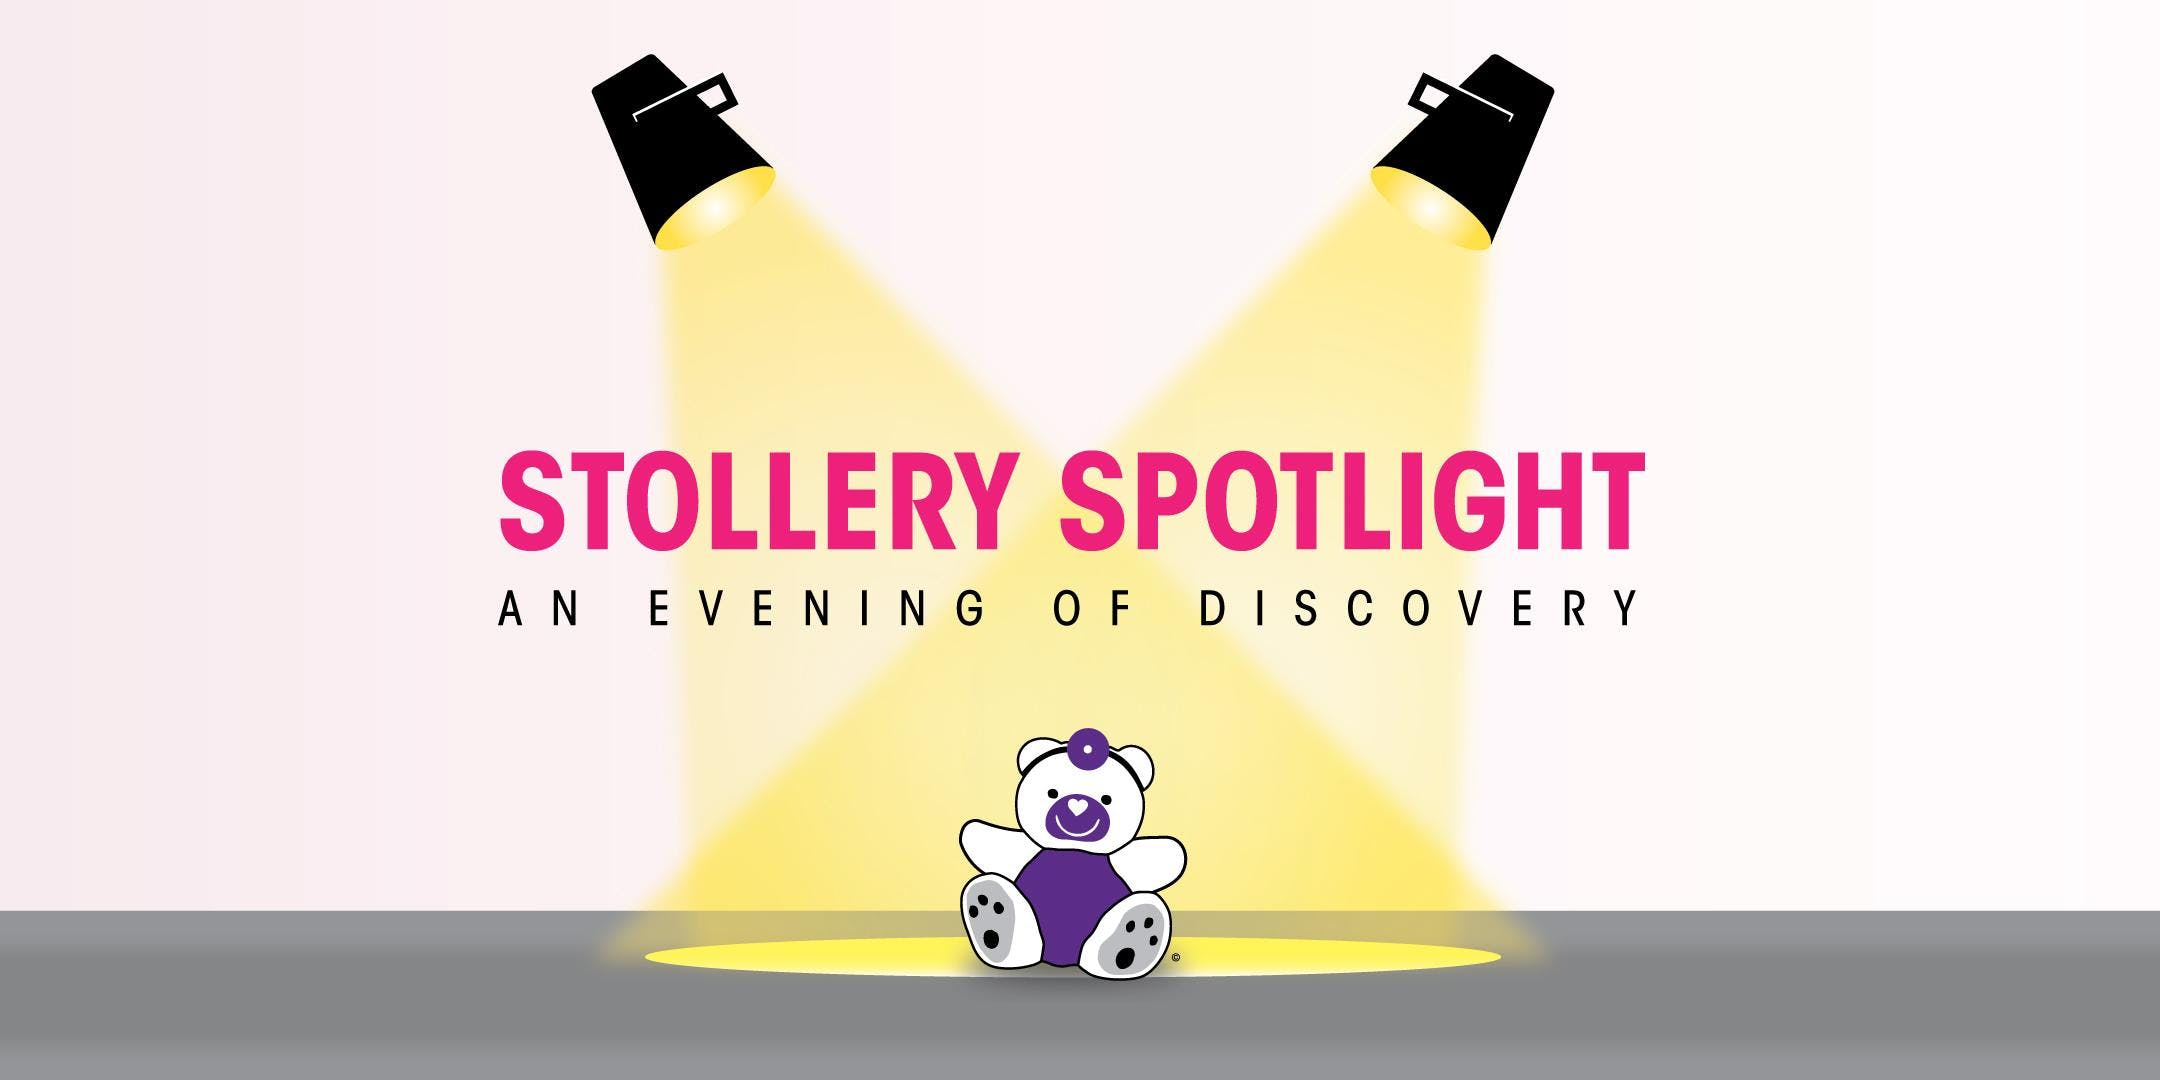 Stollery Spotlight